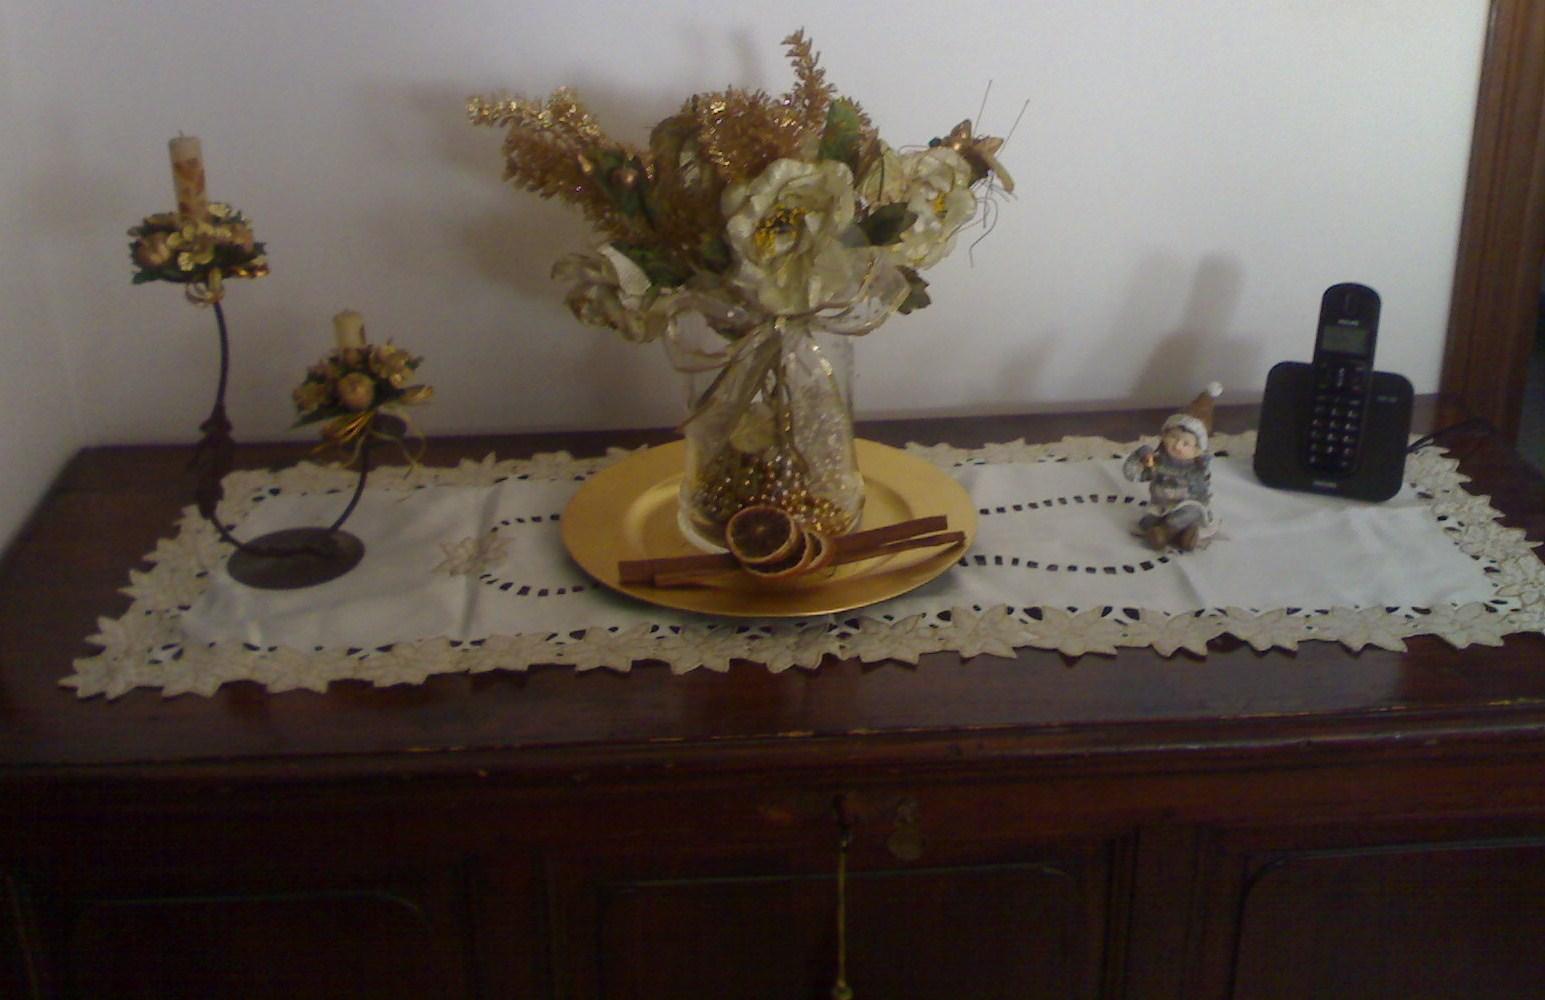 Laboratorio di zia polly come sto preparando la mia casa for Trova i progetti per la mia casa